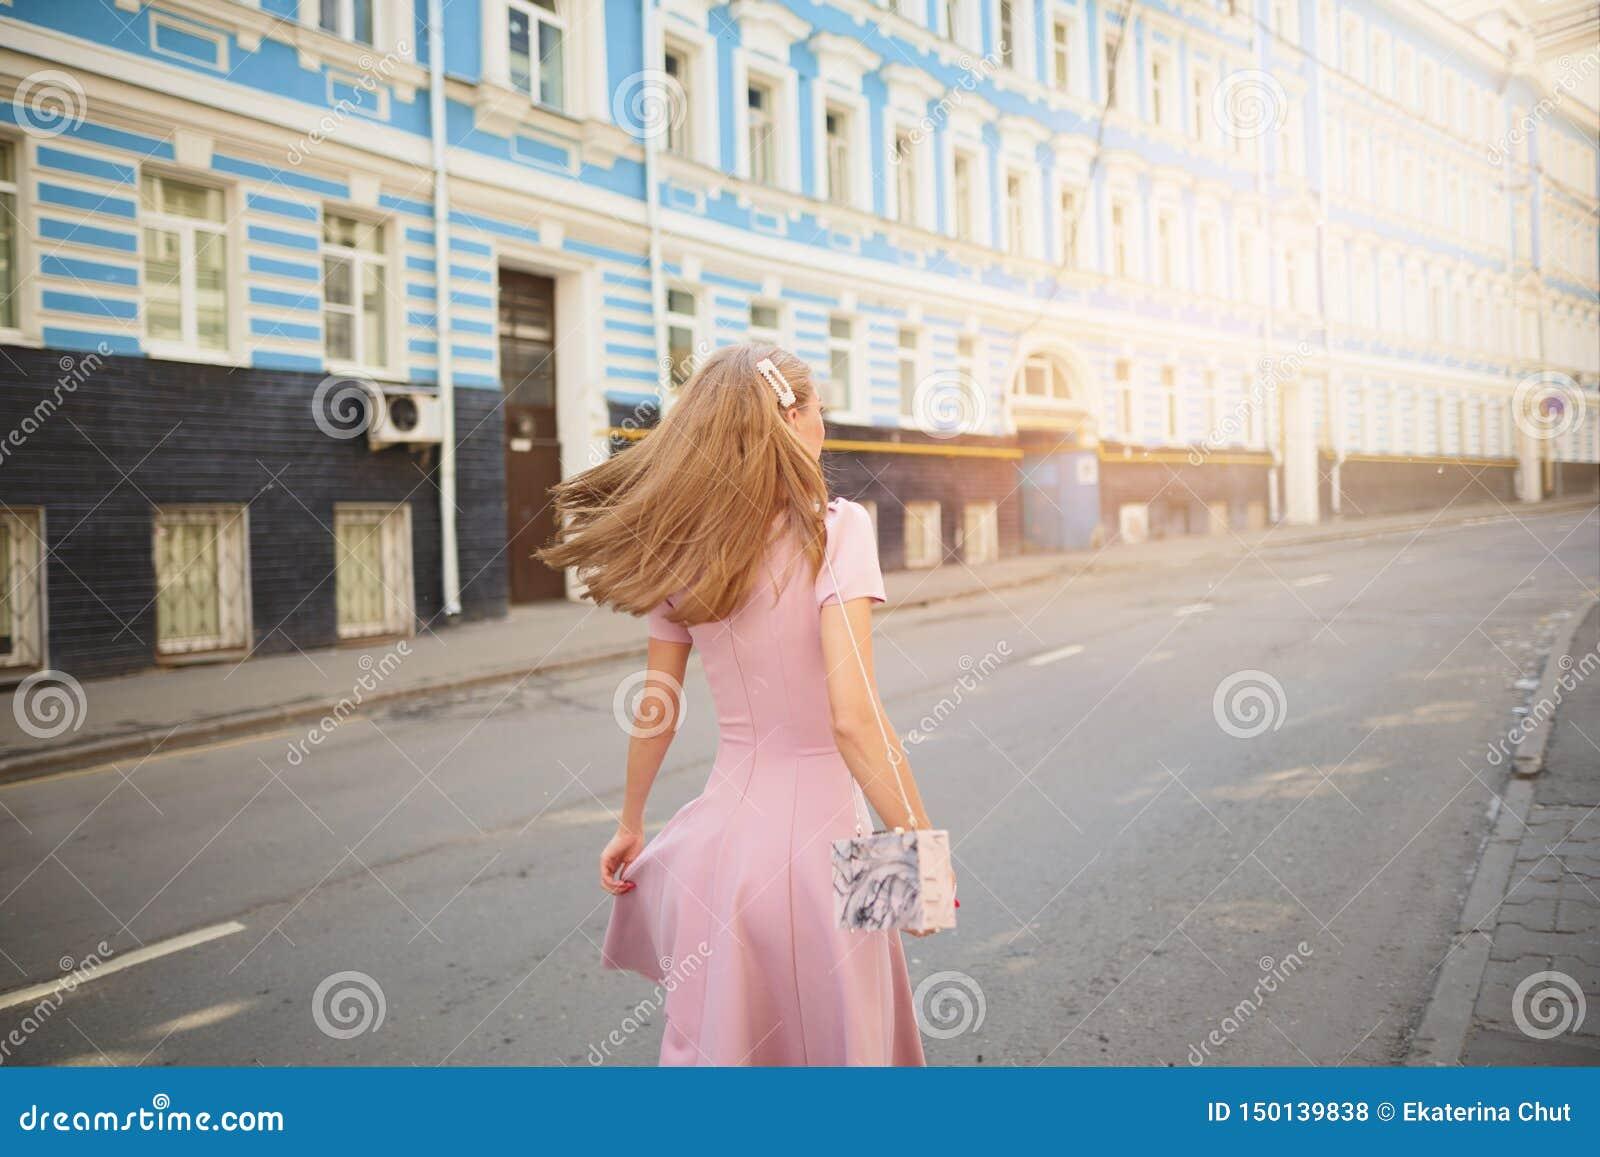 时兴地打扮了在小镇的街道上的妇女,购物的概念